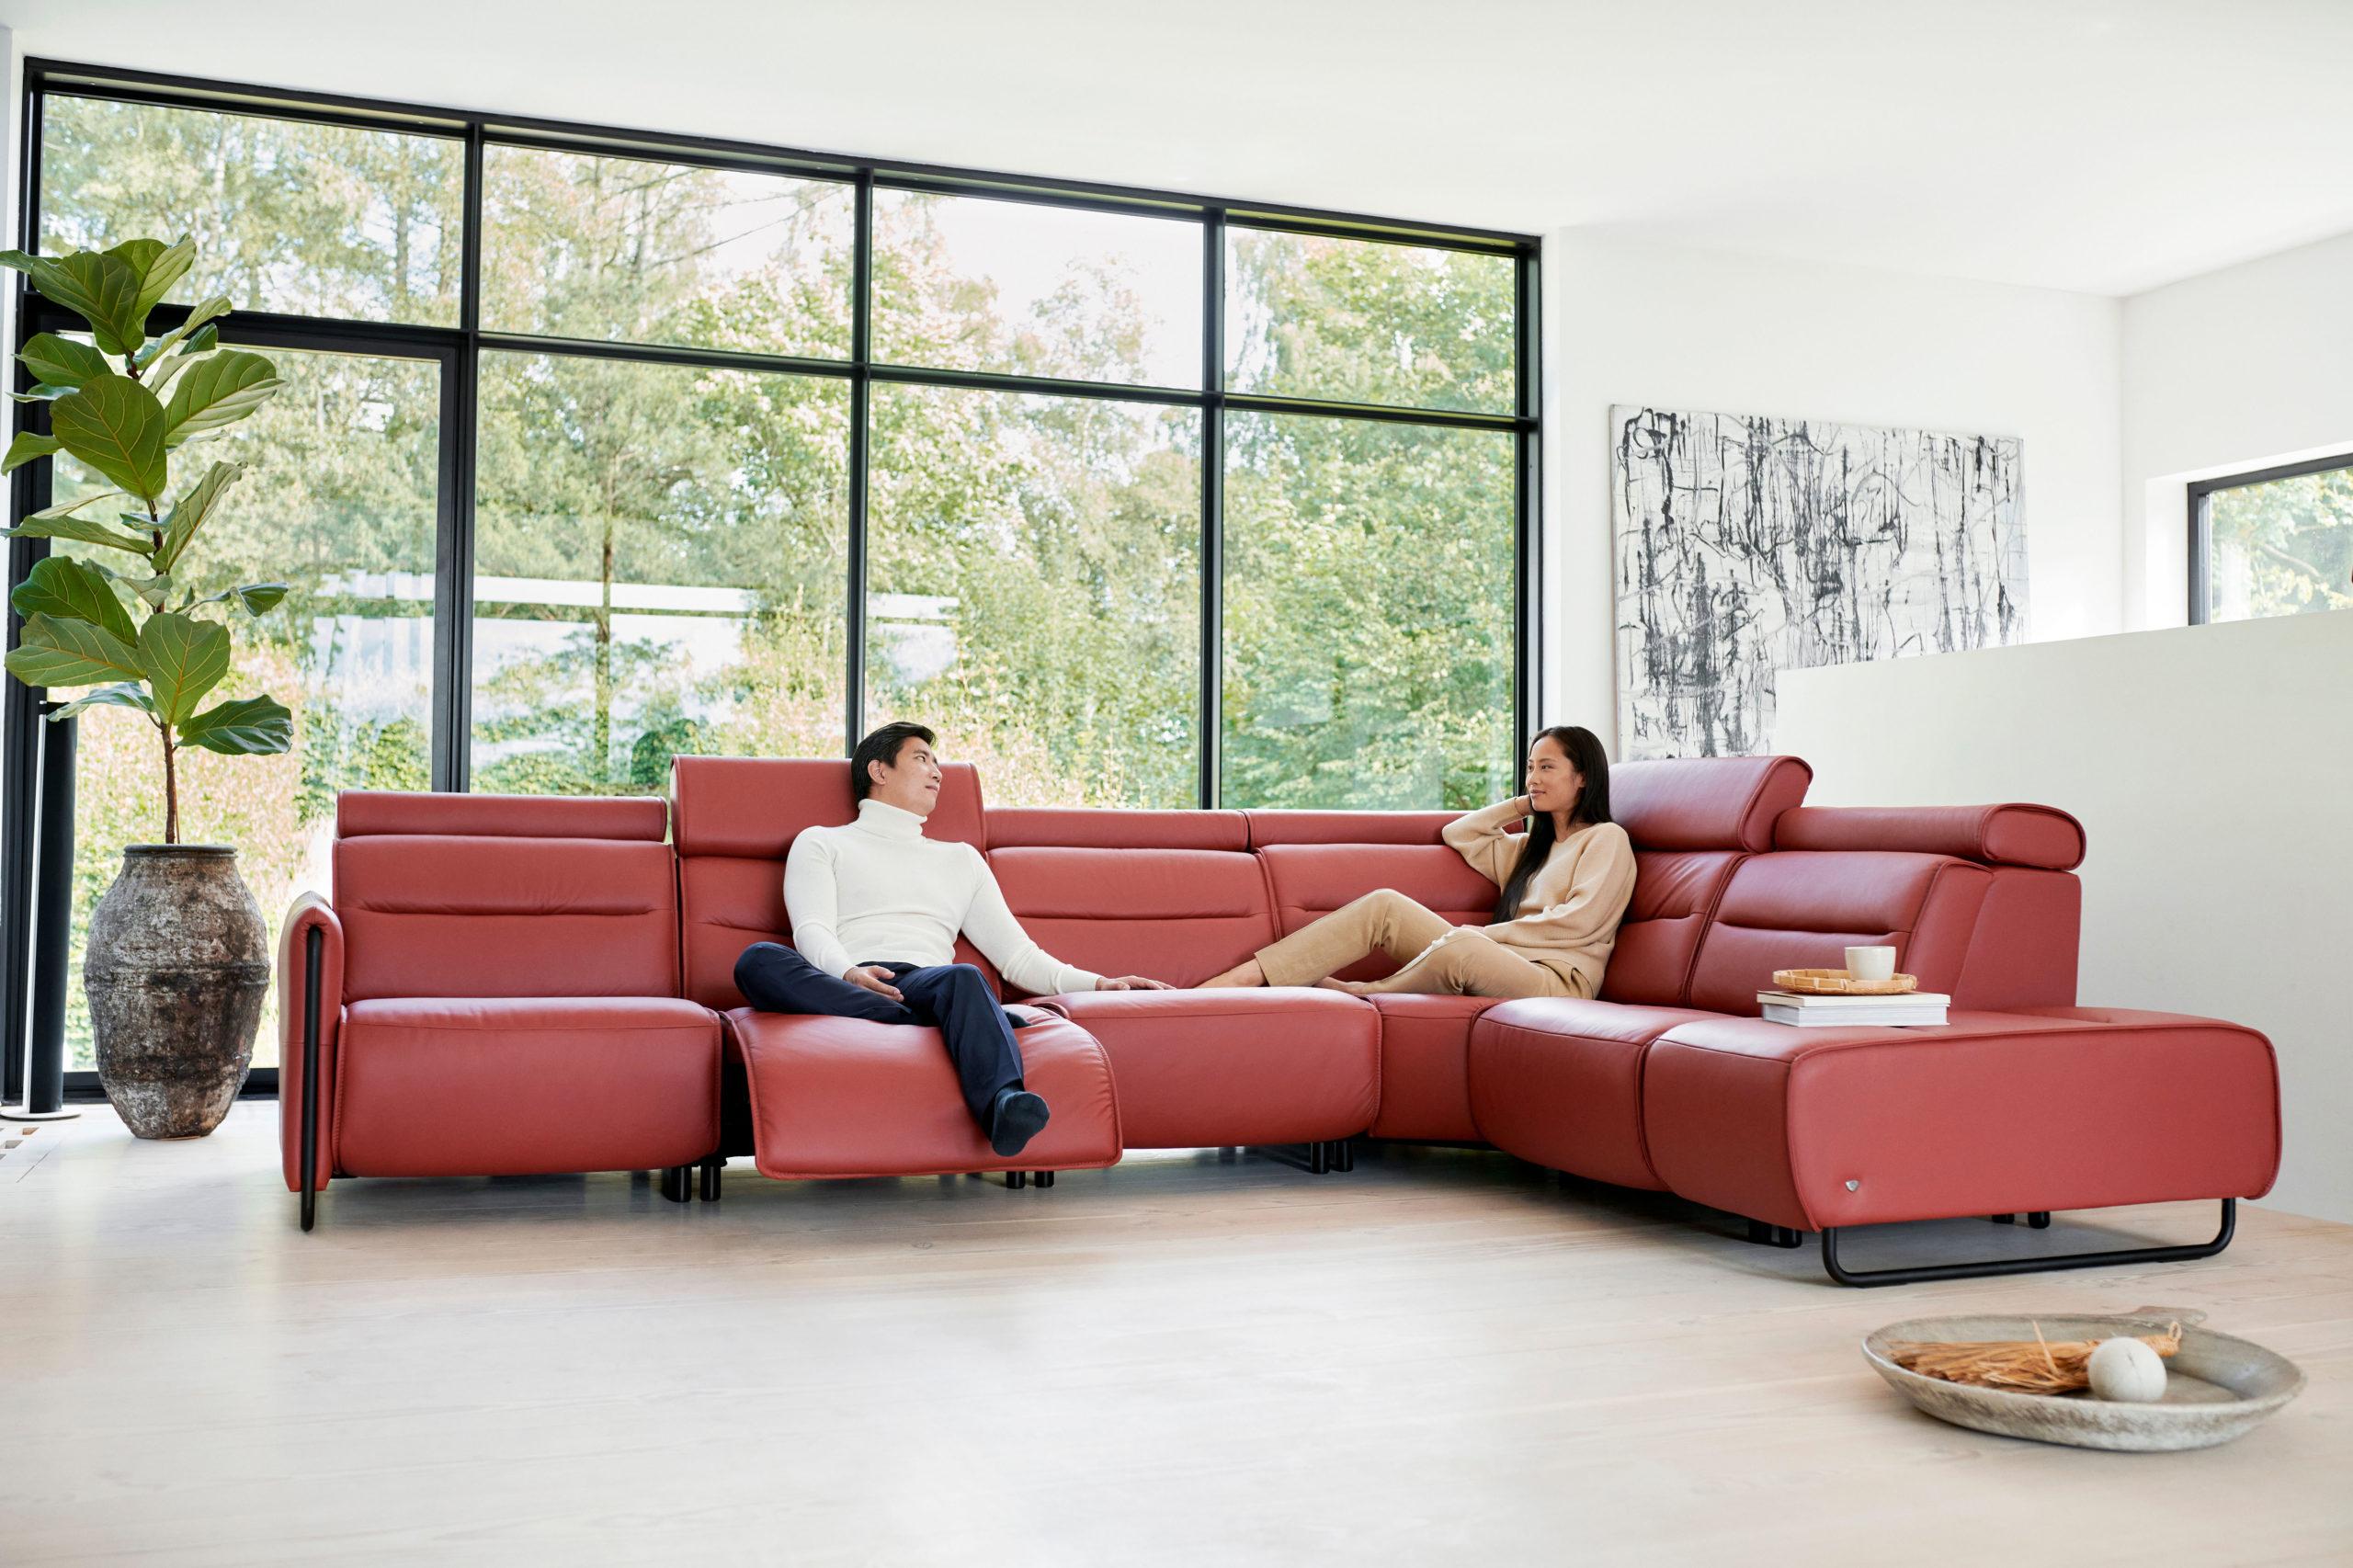 Hochwertige Sitzmöbel im Wohnzimmer